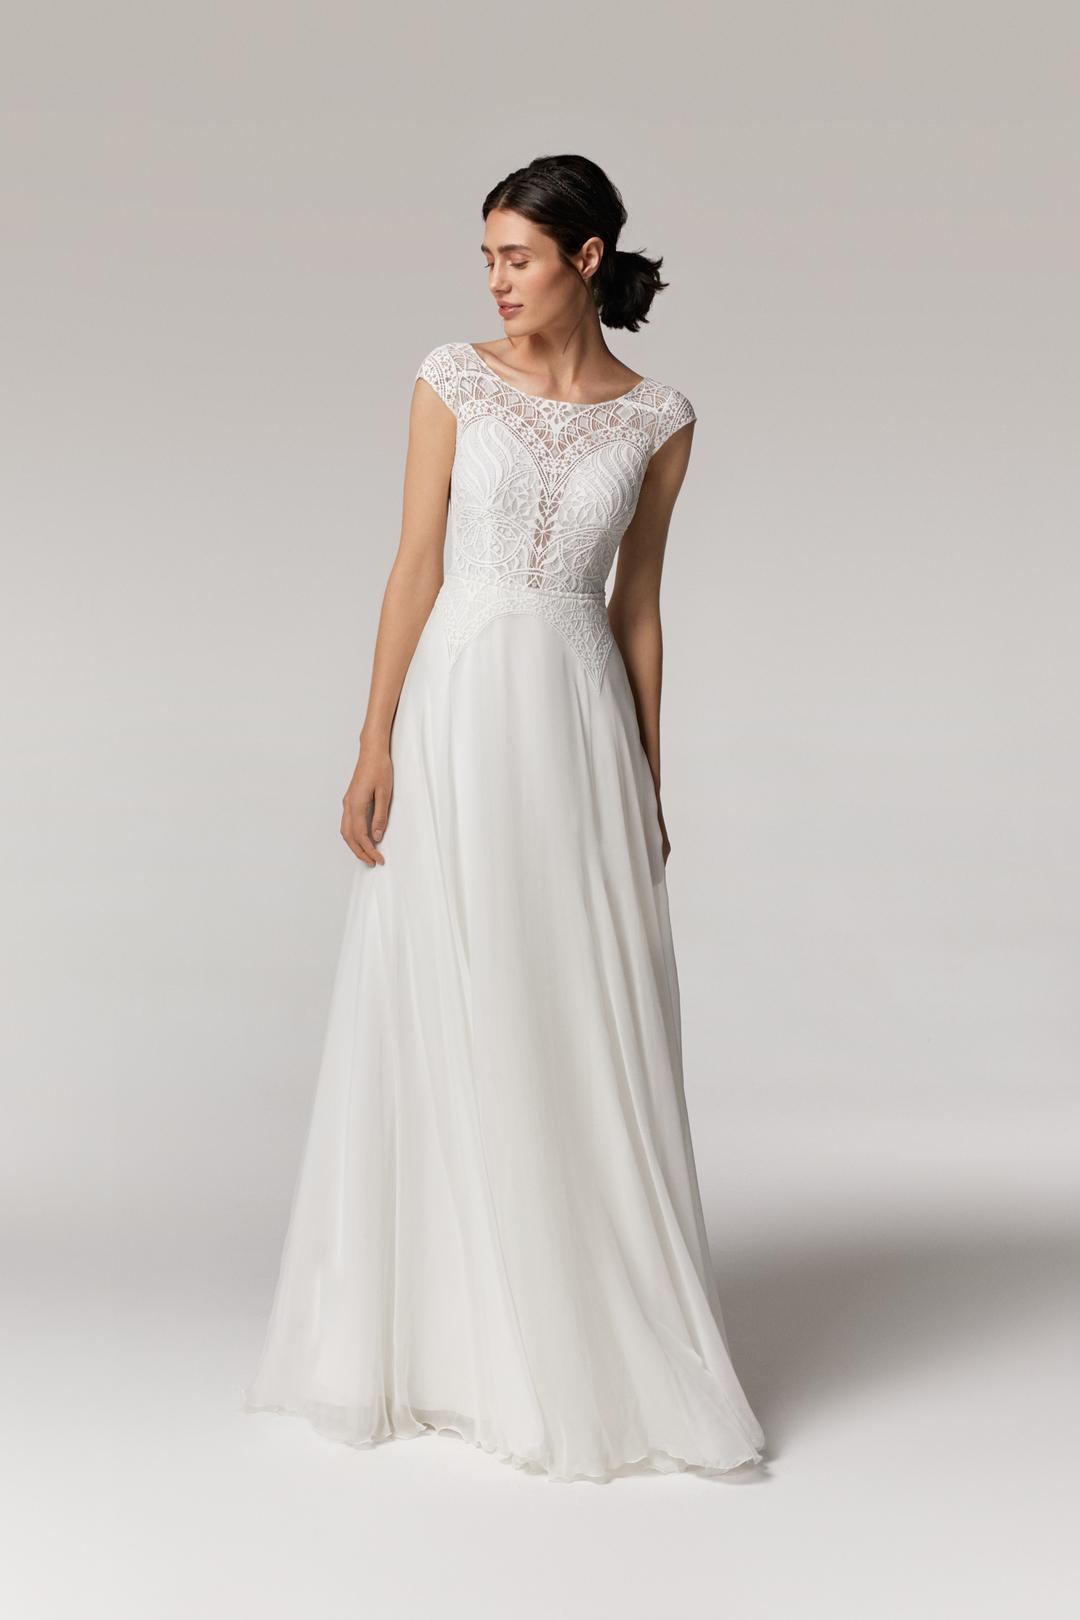 clover dress photo